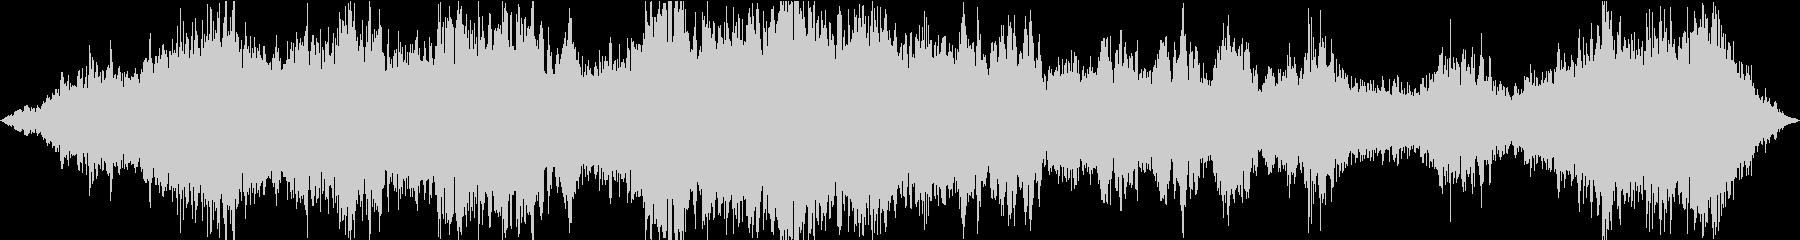 ドローン スペイン語02の未再生の波形